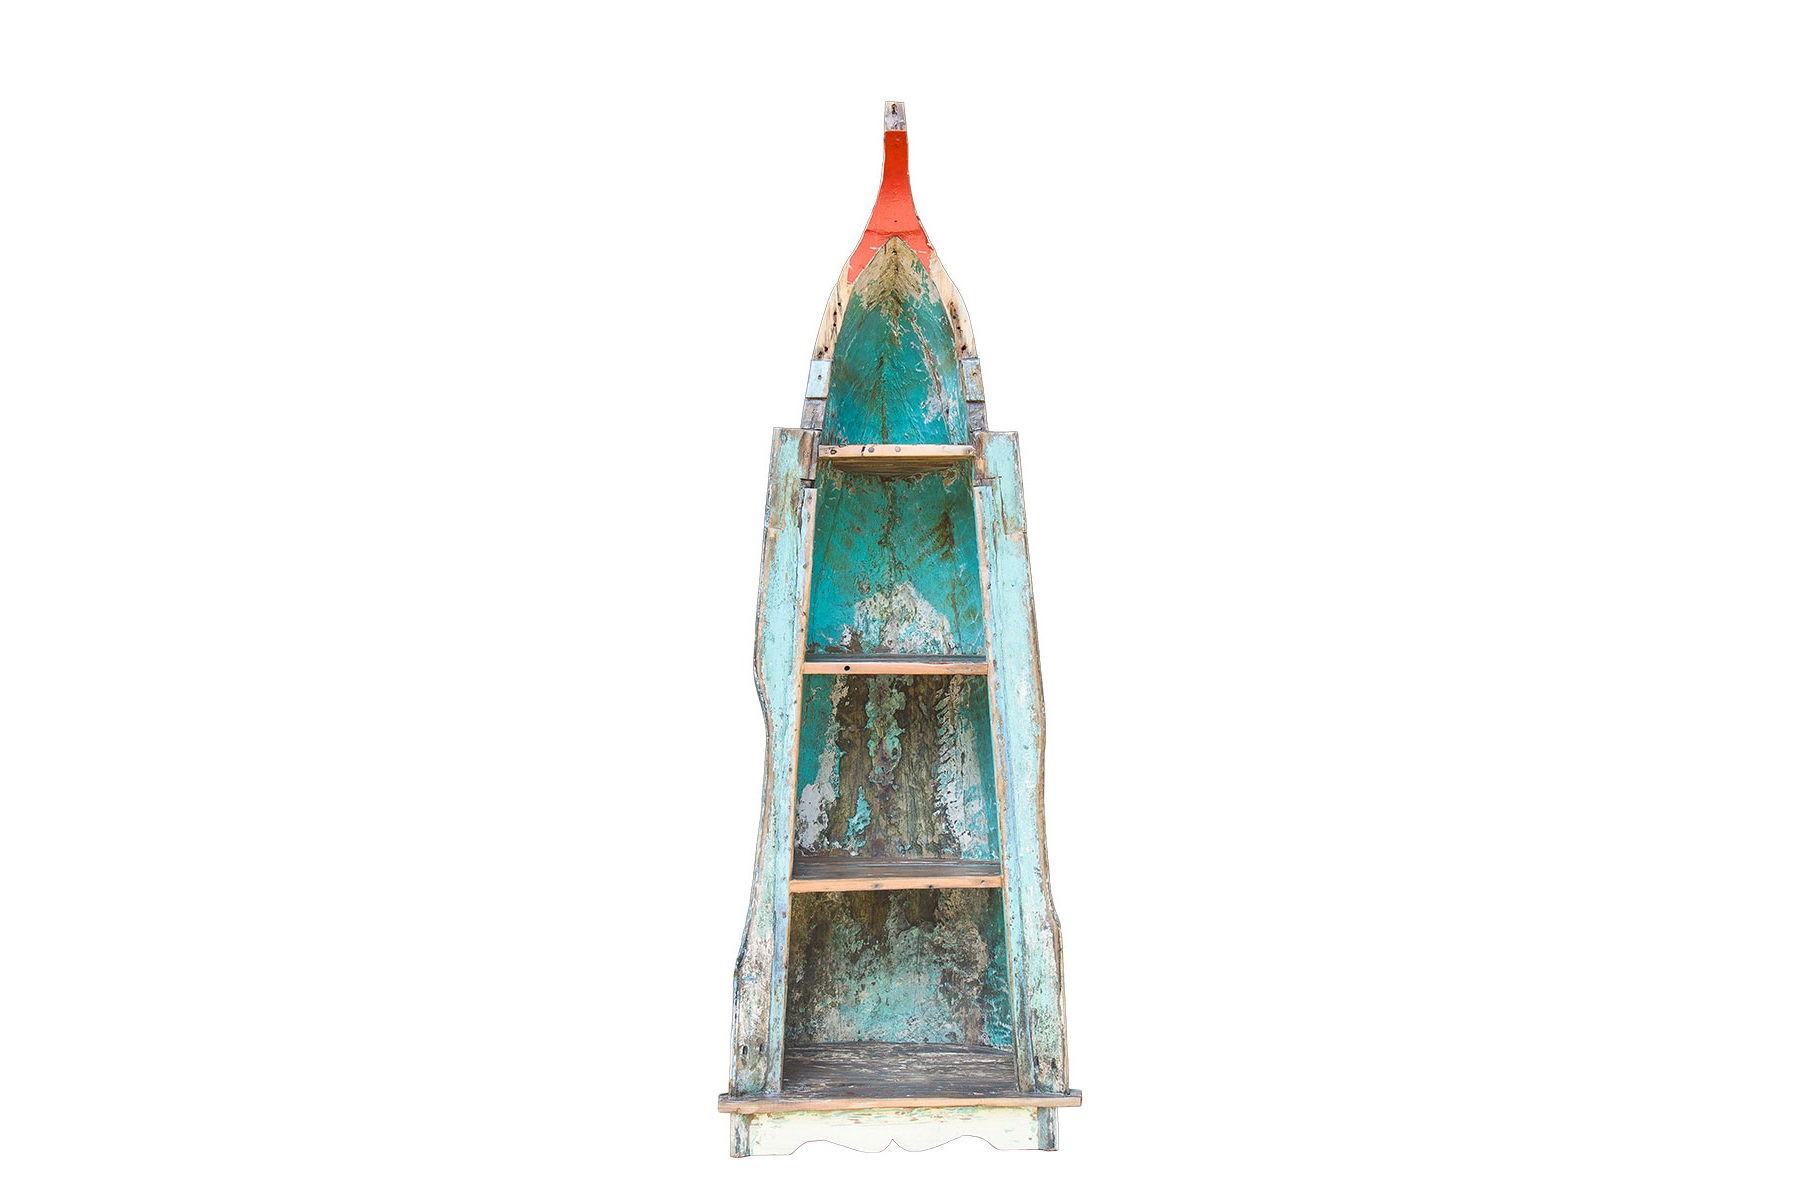 Лодка-стеллаж СоникСтеллажи и этажерки<br>Тем, кто желает наполнить свой дом особенной аурой, поможет стеллаж &amp;quot;Соник&amp;quot;. Выполненный из старой рыбацкой лодки, бороздившей просторы морей в течение пары десятилетий, он привнесет в оформление пространства дух старины. Сквозь многослойное окрашивание, местами потрескавшееся, так и будут сочиться истории увлекательных путешествий и незабываемых приключений... Что мы все о прошлом! От современности в этом оригинальном стеллаже тоже кое-что присутствует ? яркое изображение героя популярных видеоигр, &amp;quot;Соника&amp;quot; добавляет контрастность этническому дизайну.&amp;lt;div&amp;gt;&amp;lt;br&amp;gt;&amp;lt;/div&amp;gt;&amp;lt;div&amp;gt;Имеет 4 полки разной вместимости.&amp;lt;/div&amp;gt;&amp;lt;div&amp;gt;Подходит для использования как внутри помещения, так и снаружи.&amp;lt;/div&amp;gt;&amp;lt;div&amp;gt;Сборка не требуется.&amp;lt;/div&amp;gt;&amp;lt;div&amp;gt;Покрытие: шеллак.&amp;lt;/div&amp;gt;&amp;lt;div&amp;gt;Материал: массив тика (махогони, суара).&amp;lt;/div&amp;gt;<br><br>Material: Тик<br>Ширина см: 84<br>Высота см: 234<br>Глубина см: 83